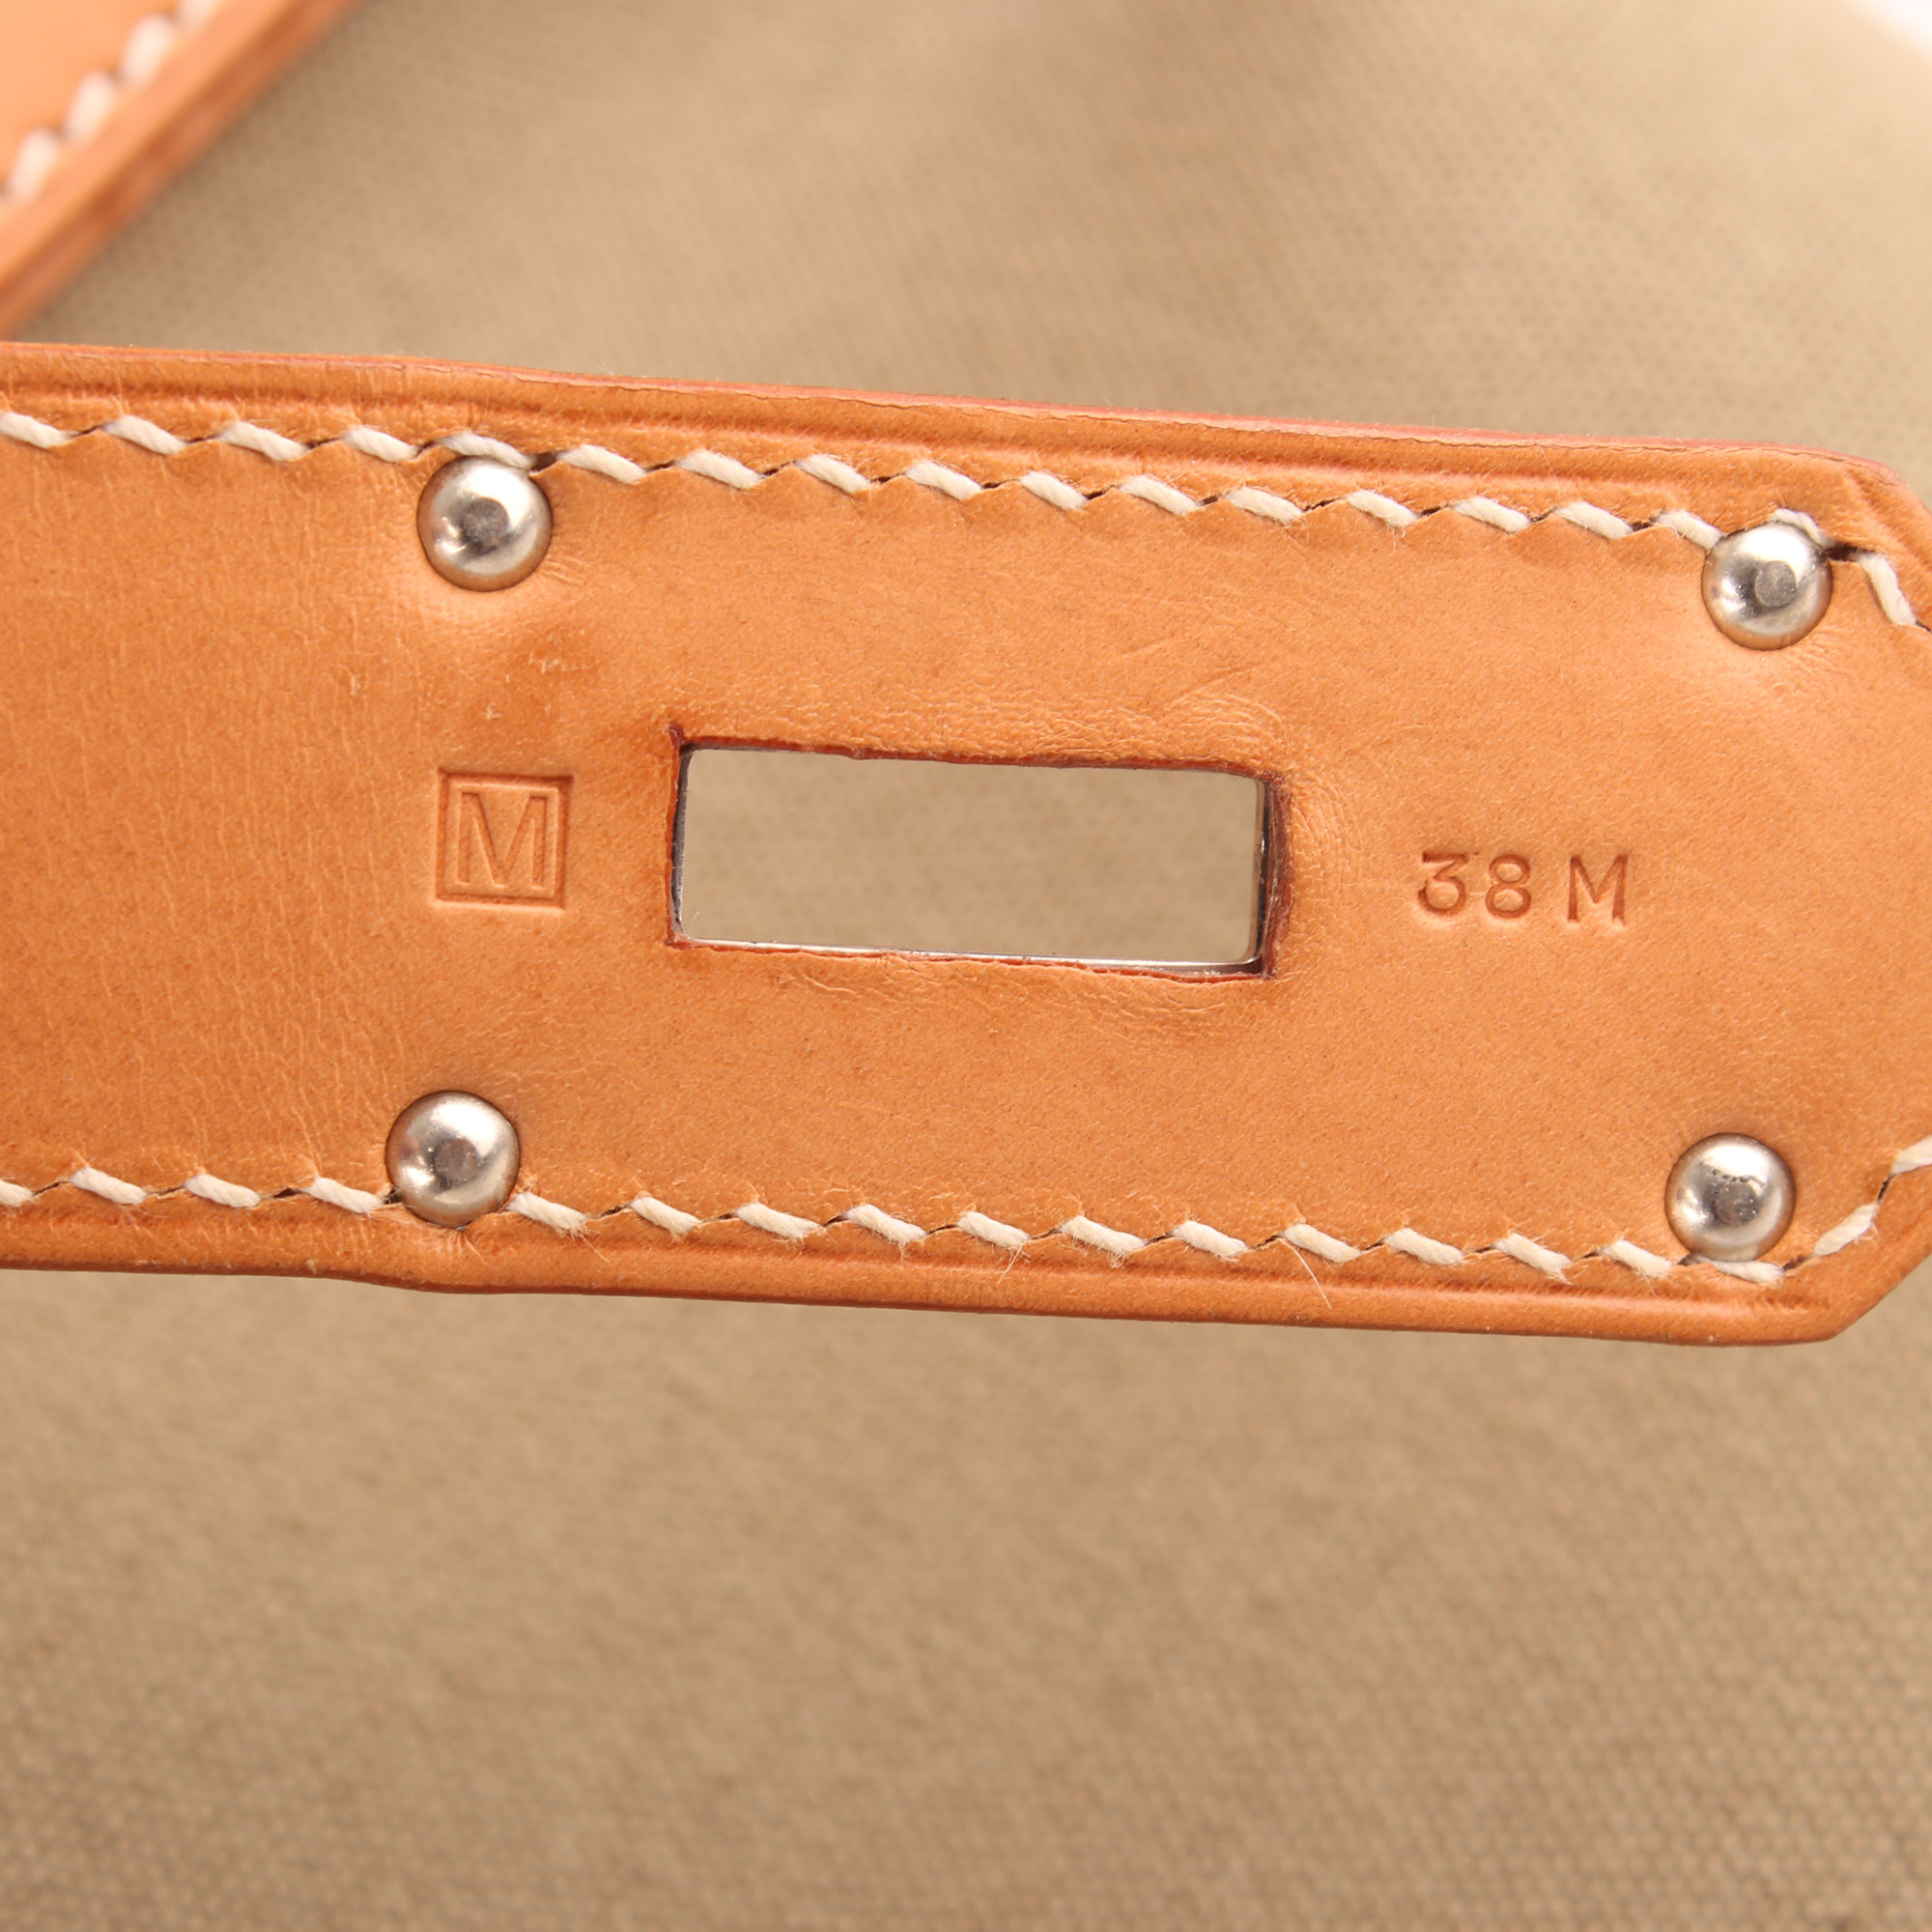 079b070a090 Imagen de la referencia de la bolsa de viaje hermès haut à courroies lona militar  verde